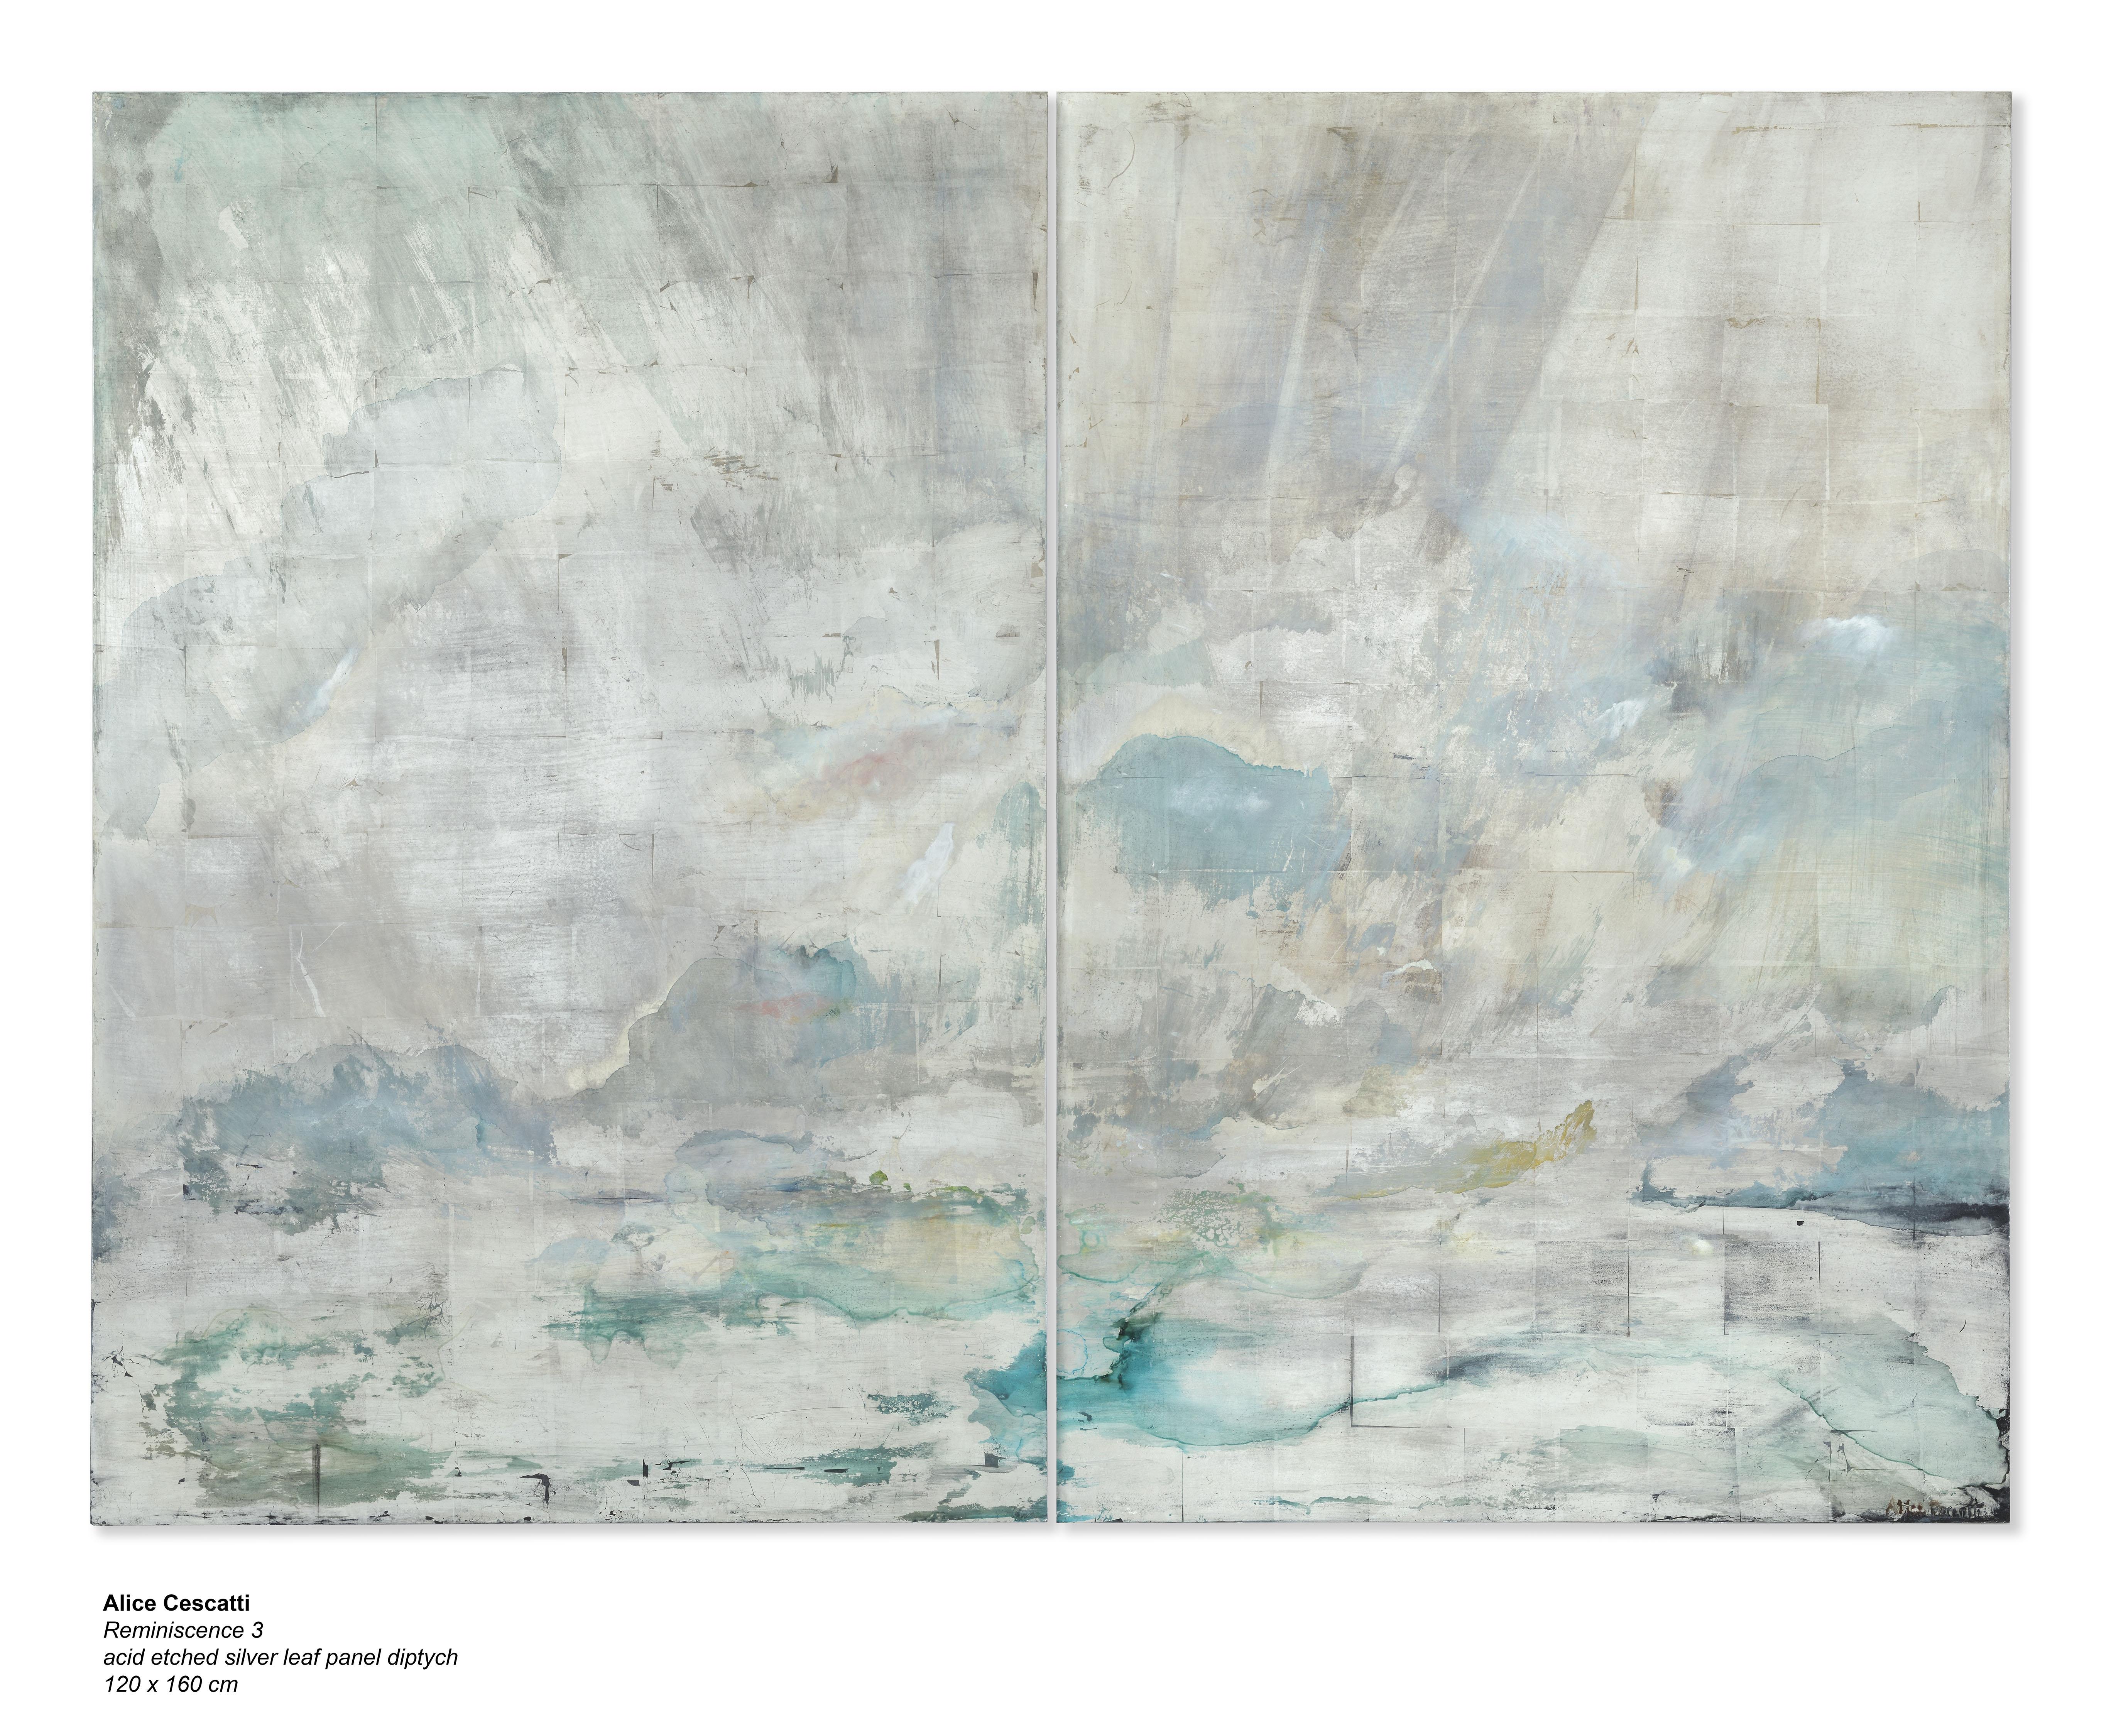 Reminiscence 3 by Alice Cescatti